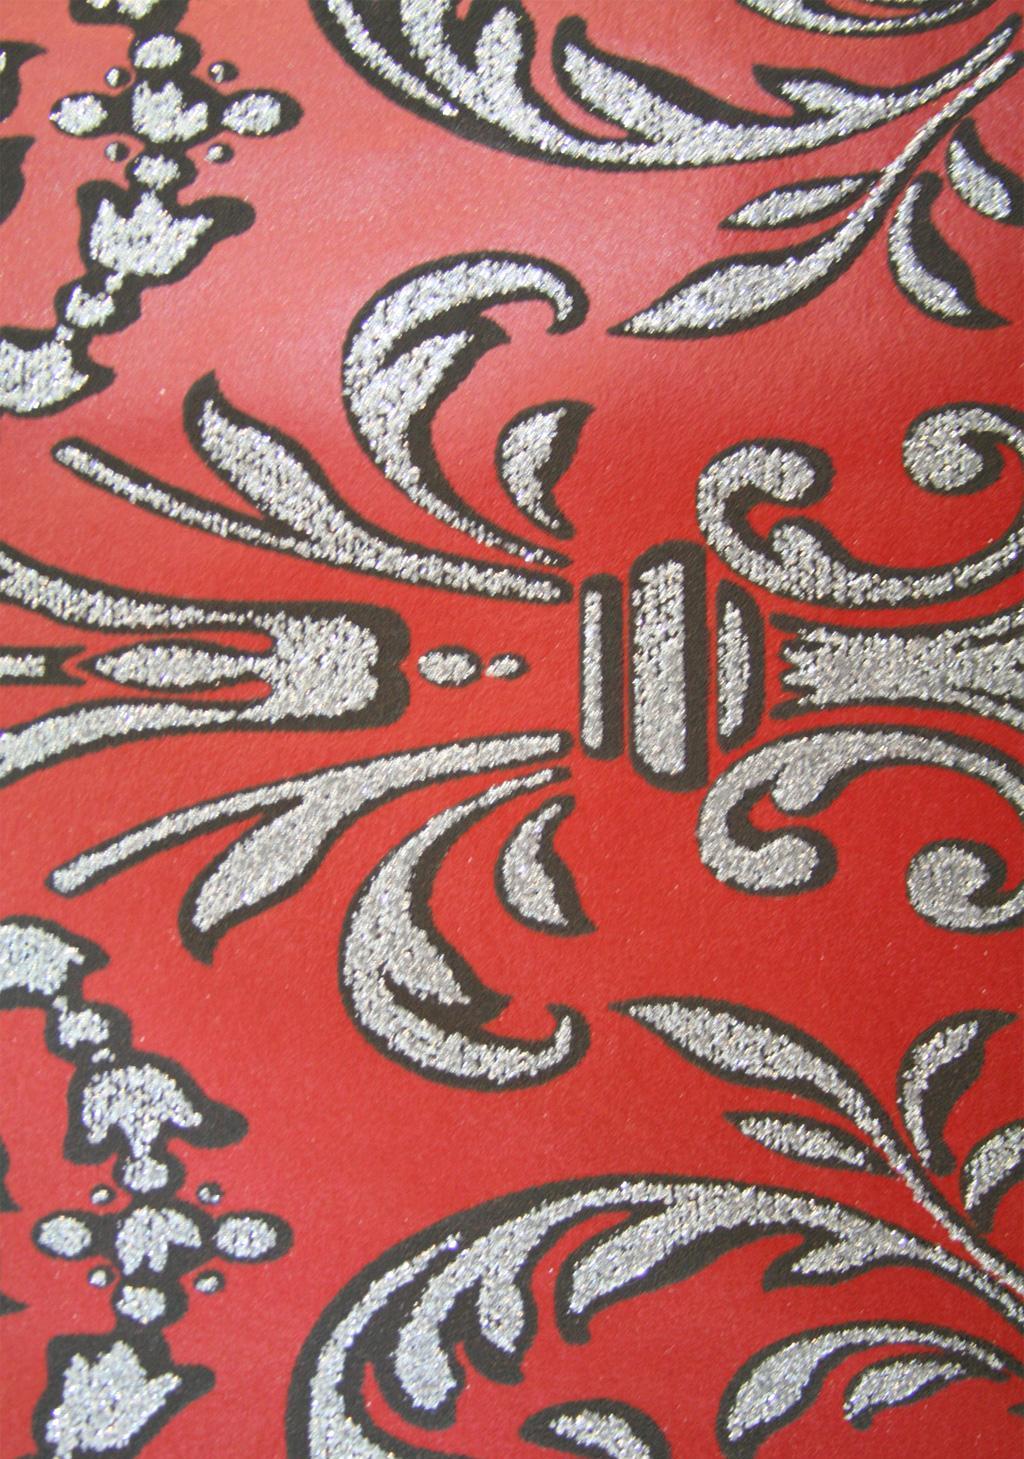 豪美迪壁纸欧式系列-5545855458